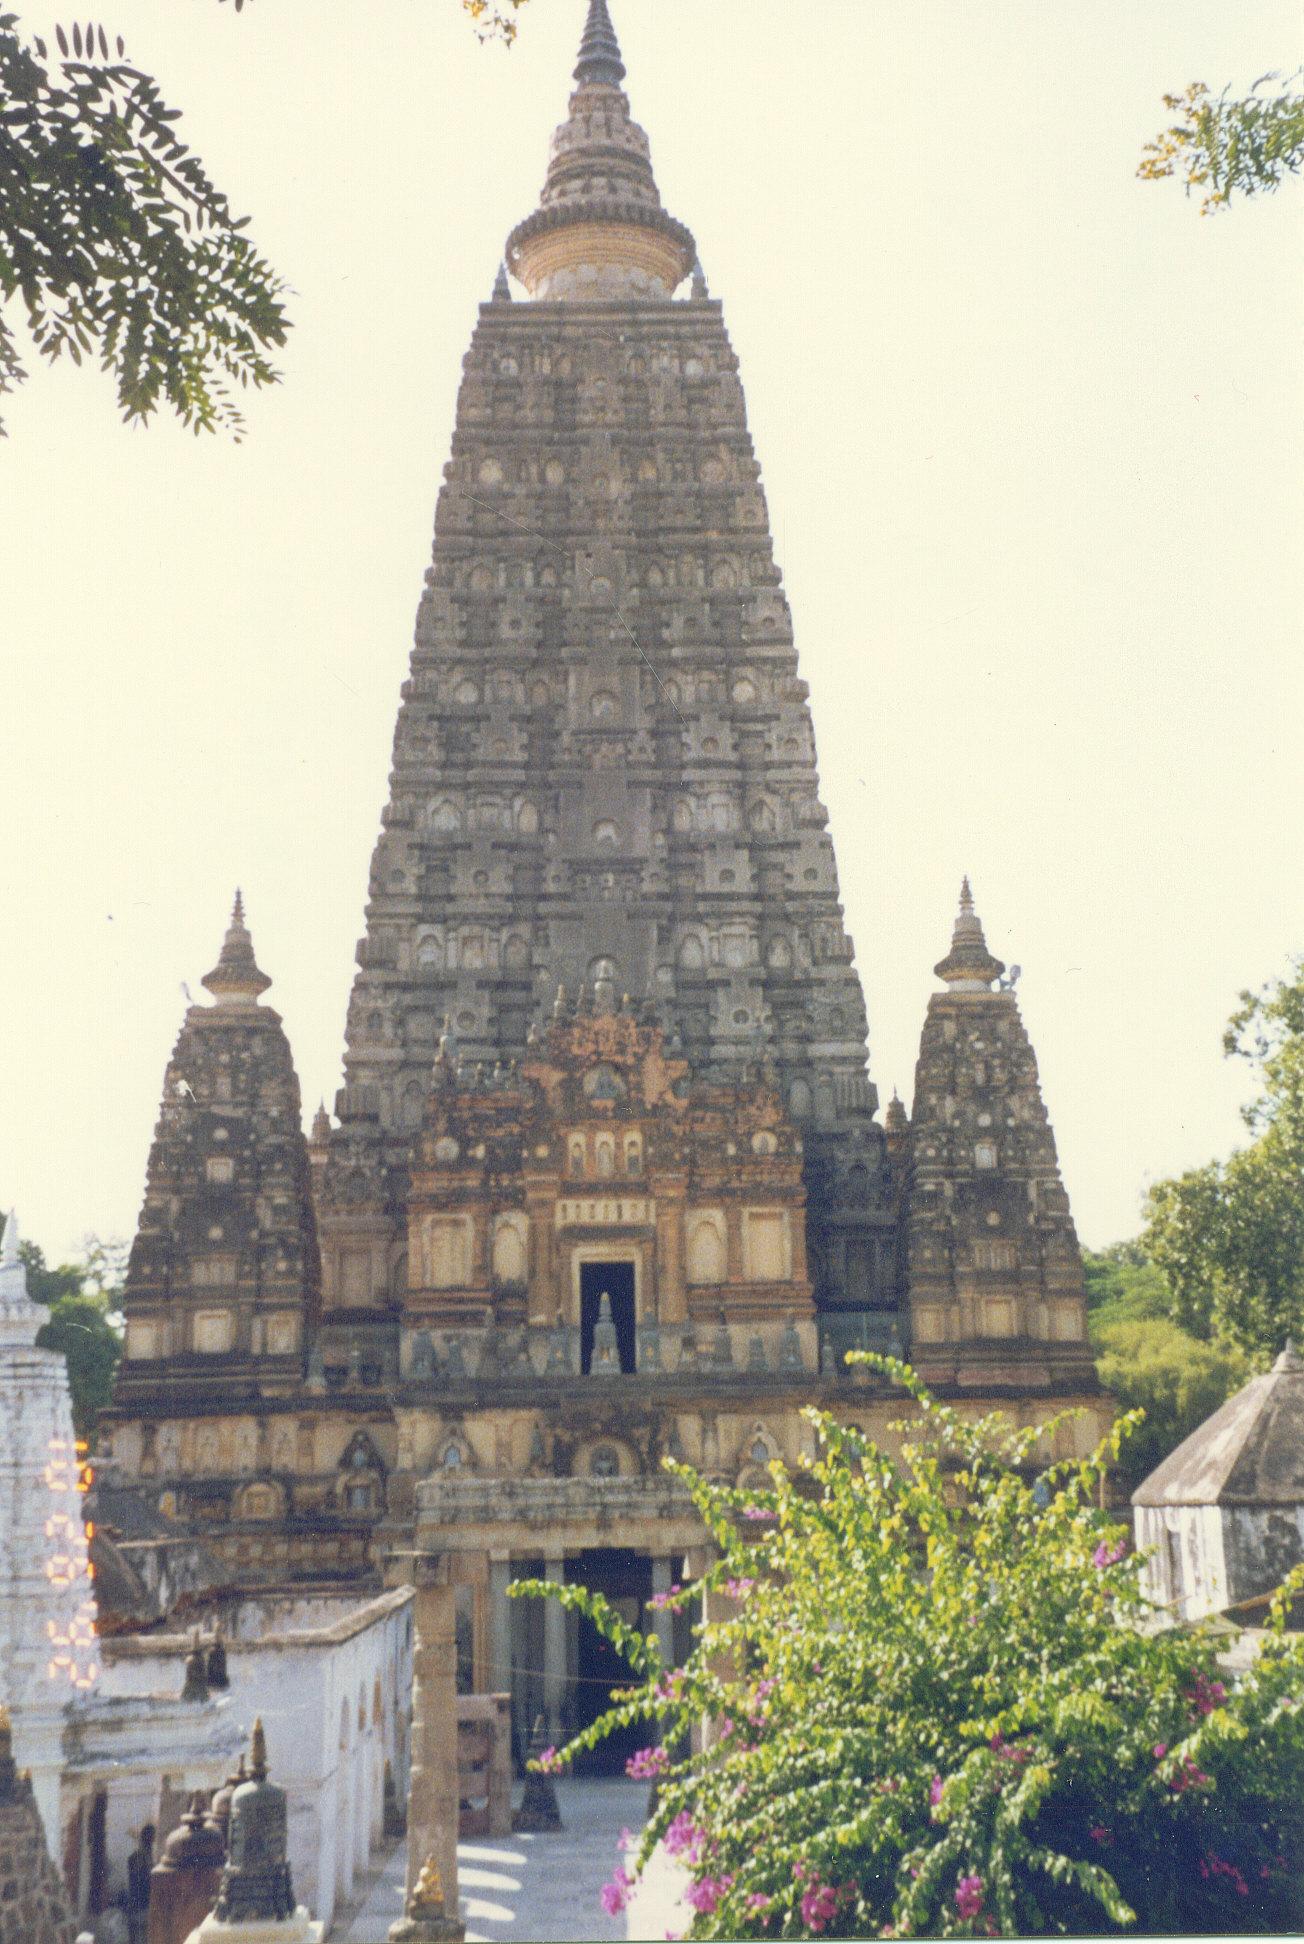 Mahabodhi Temple, Bodh Gaya